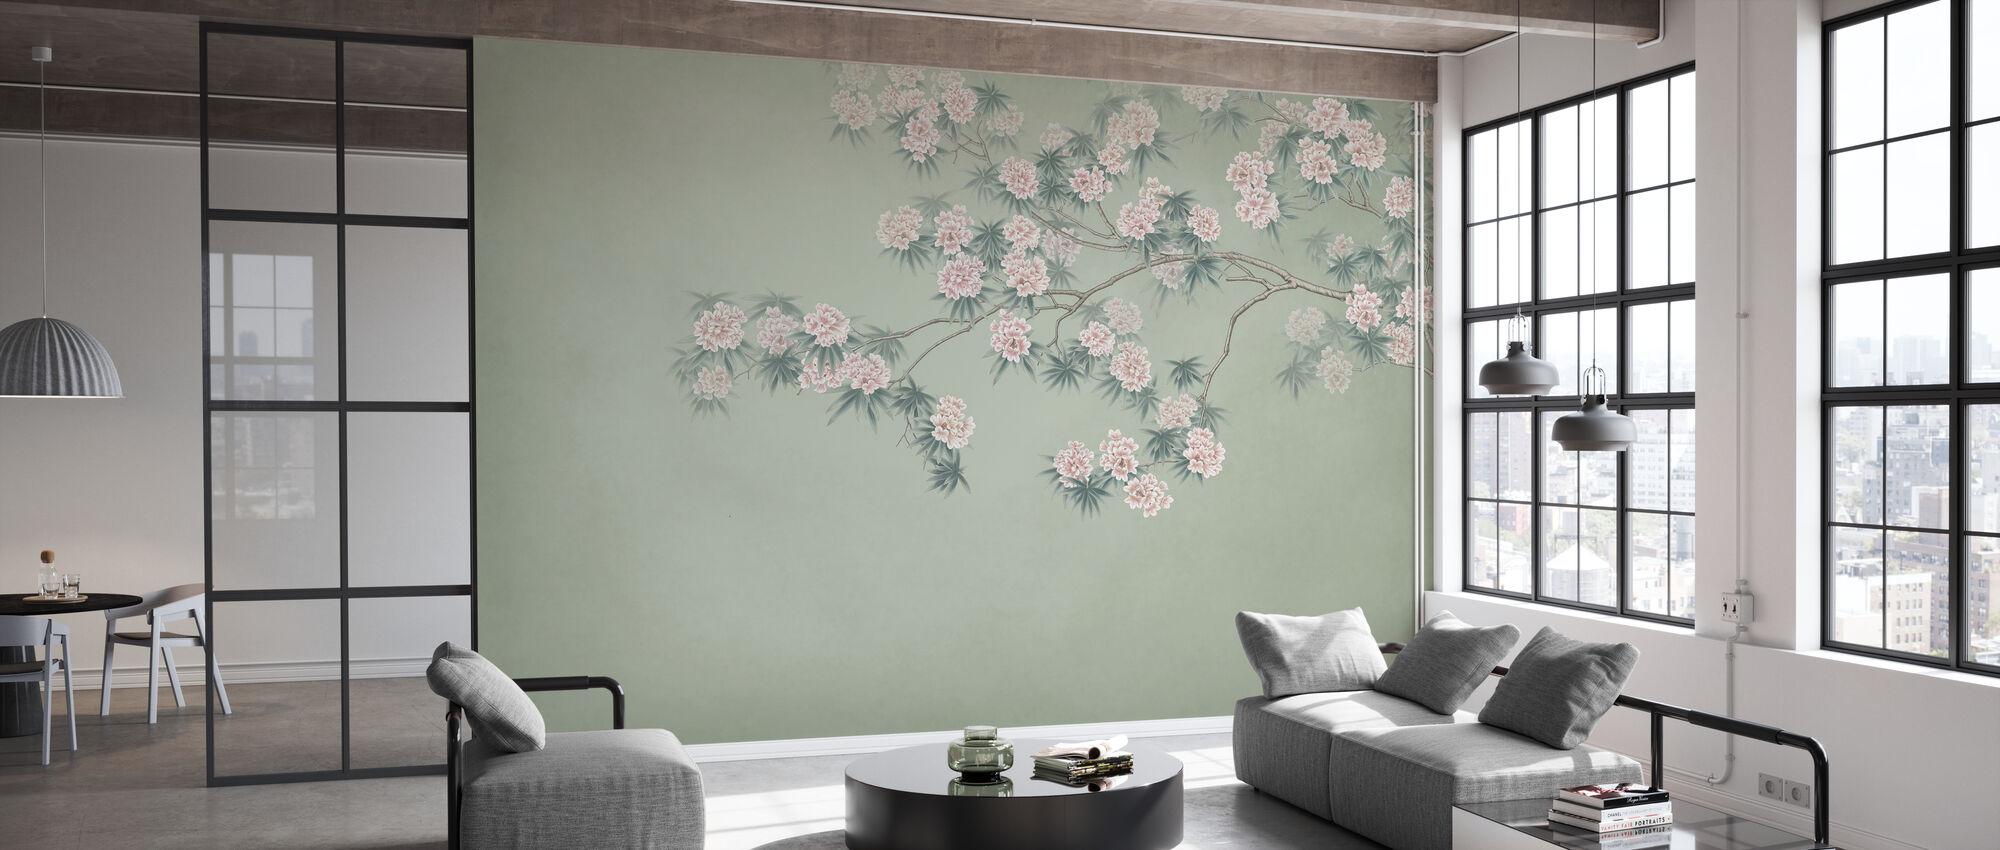 Blomstrende Gren - Smaragd - Tapet - Kontor